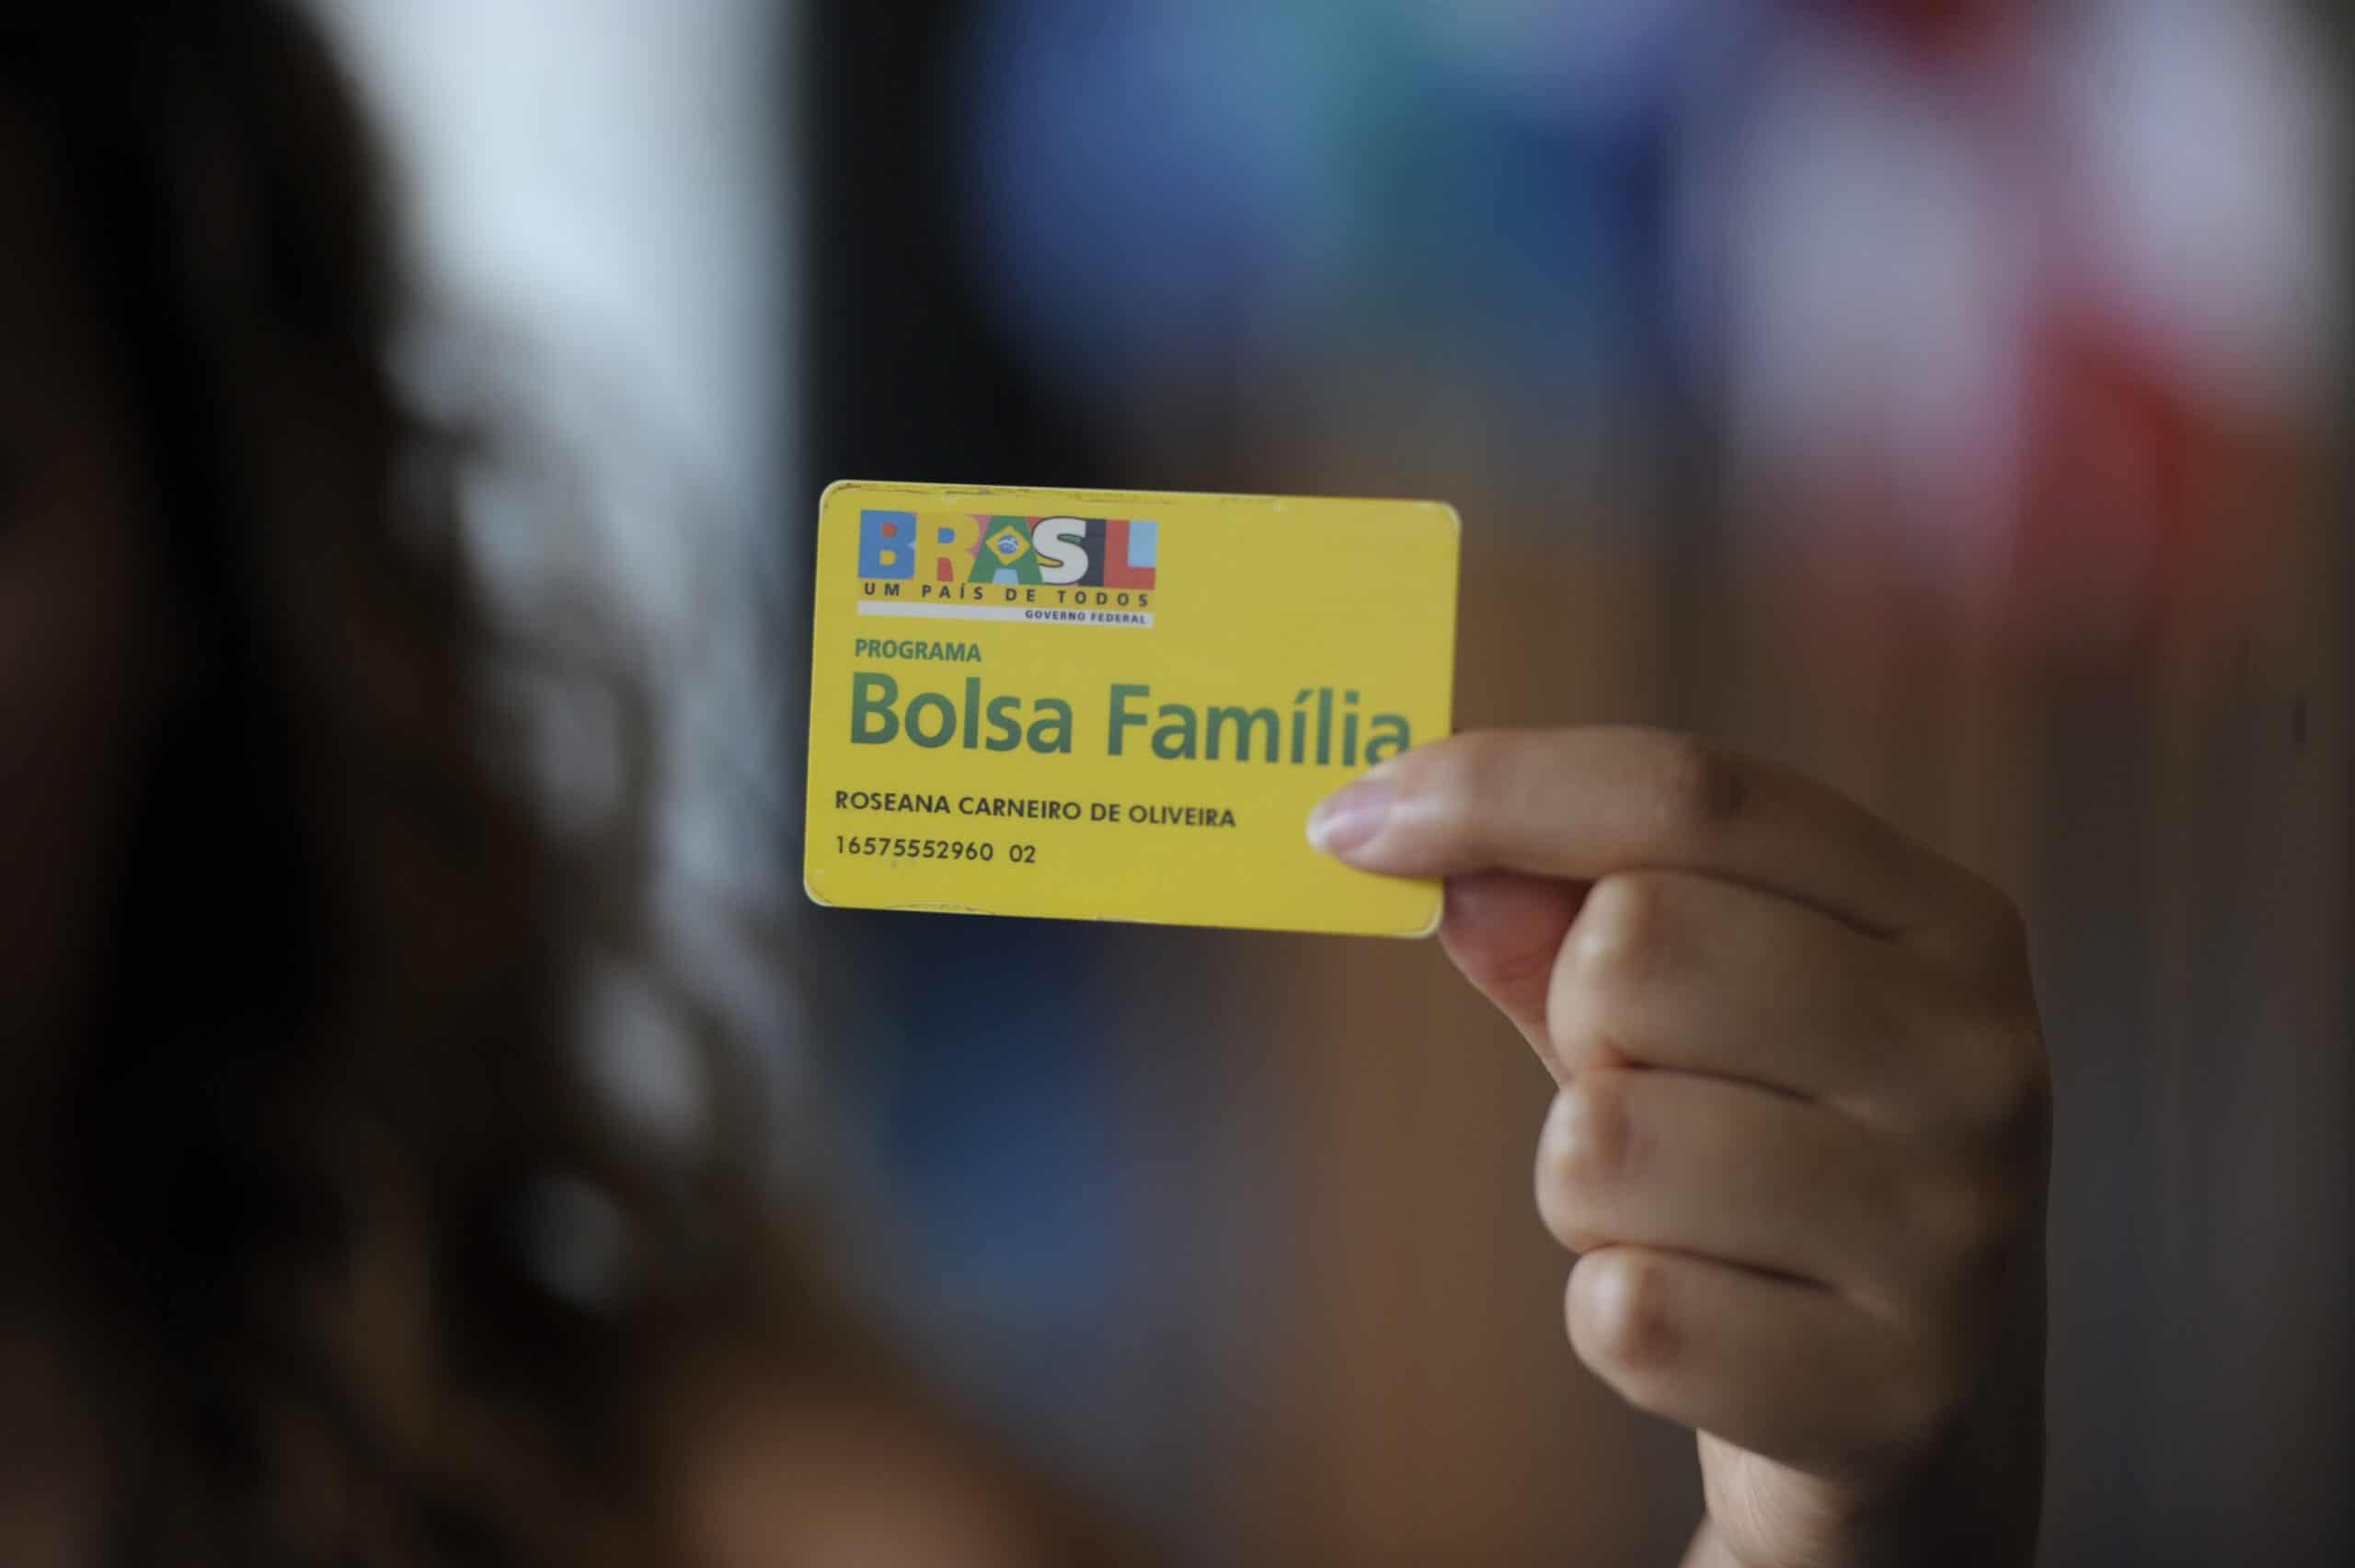 Valor do Bolsa Família neste mês será 3x MAIOR (Imagem: Reprodução - Google)